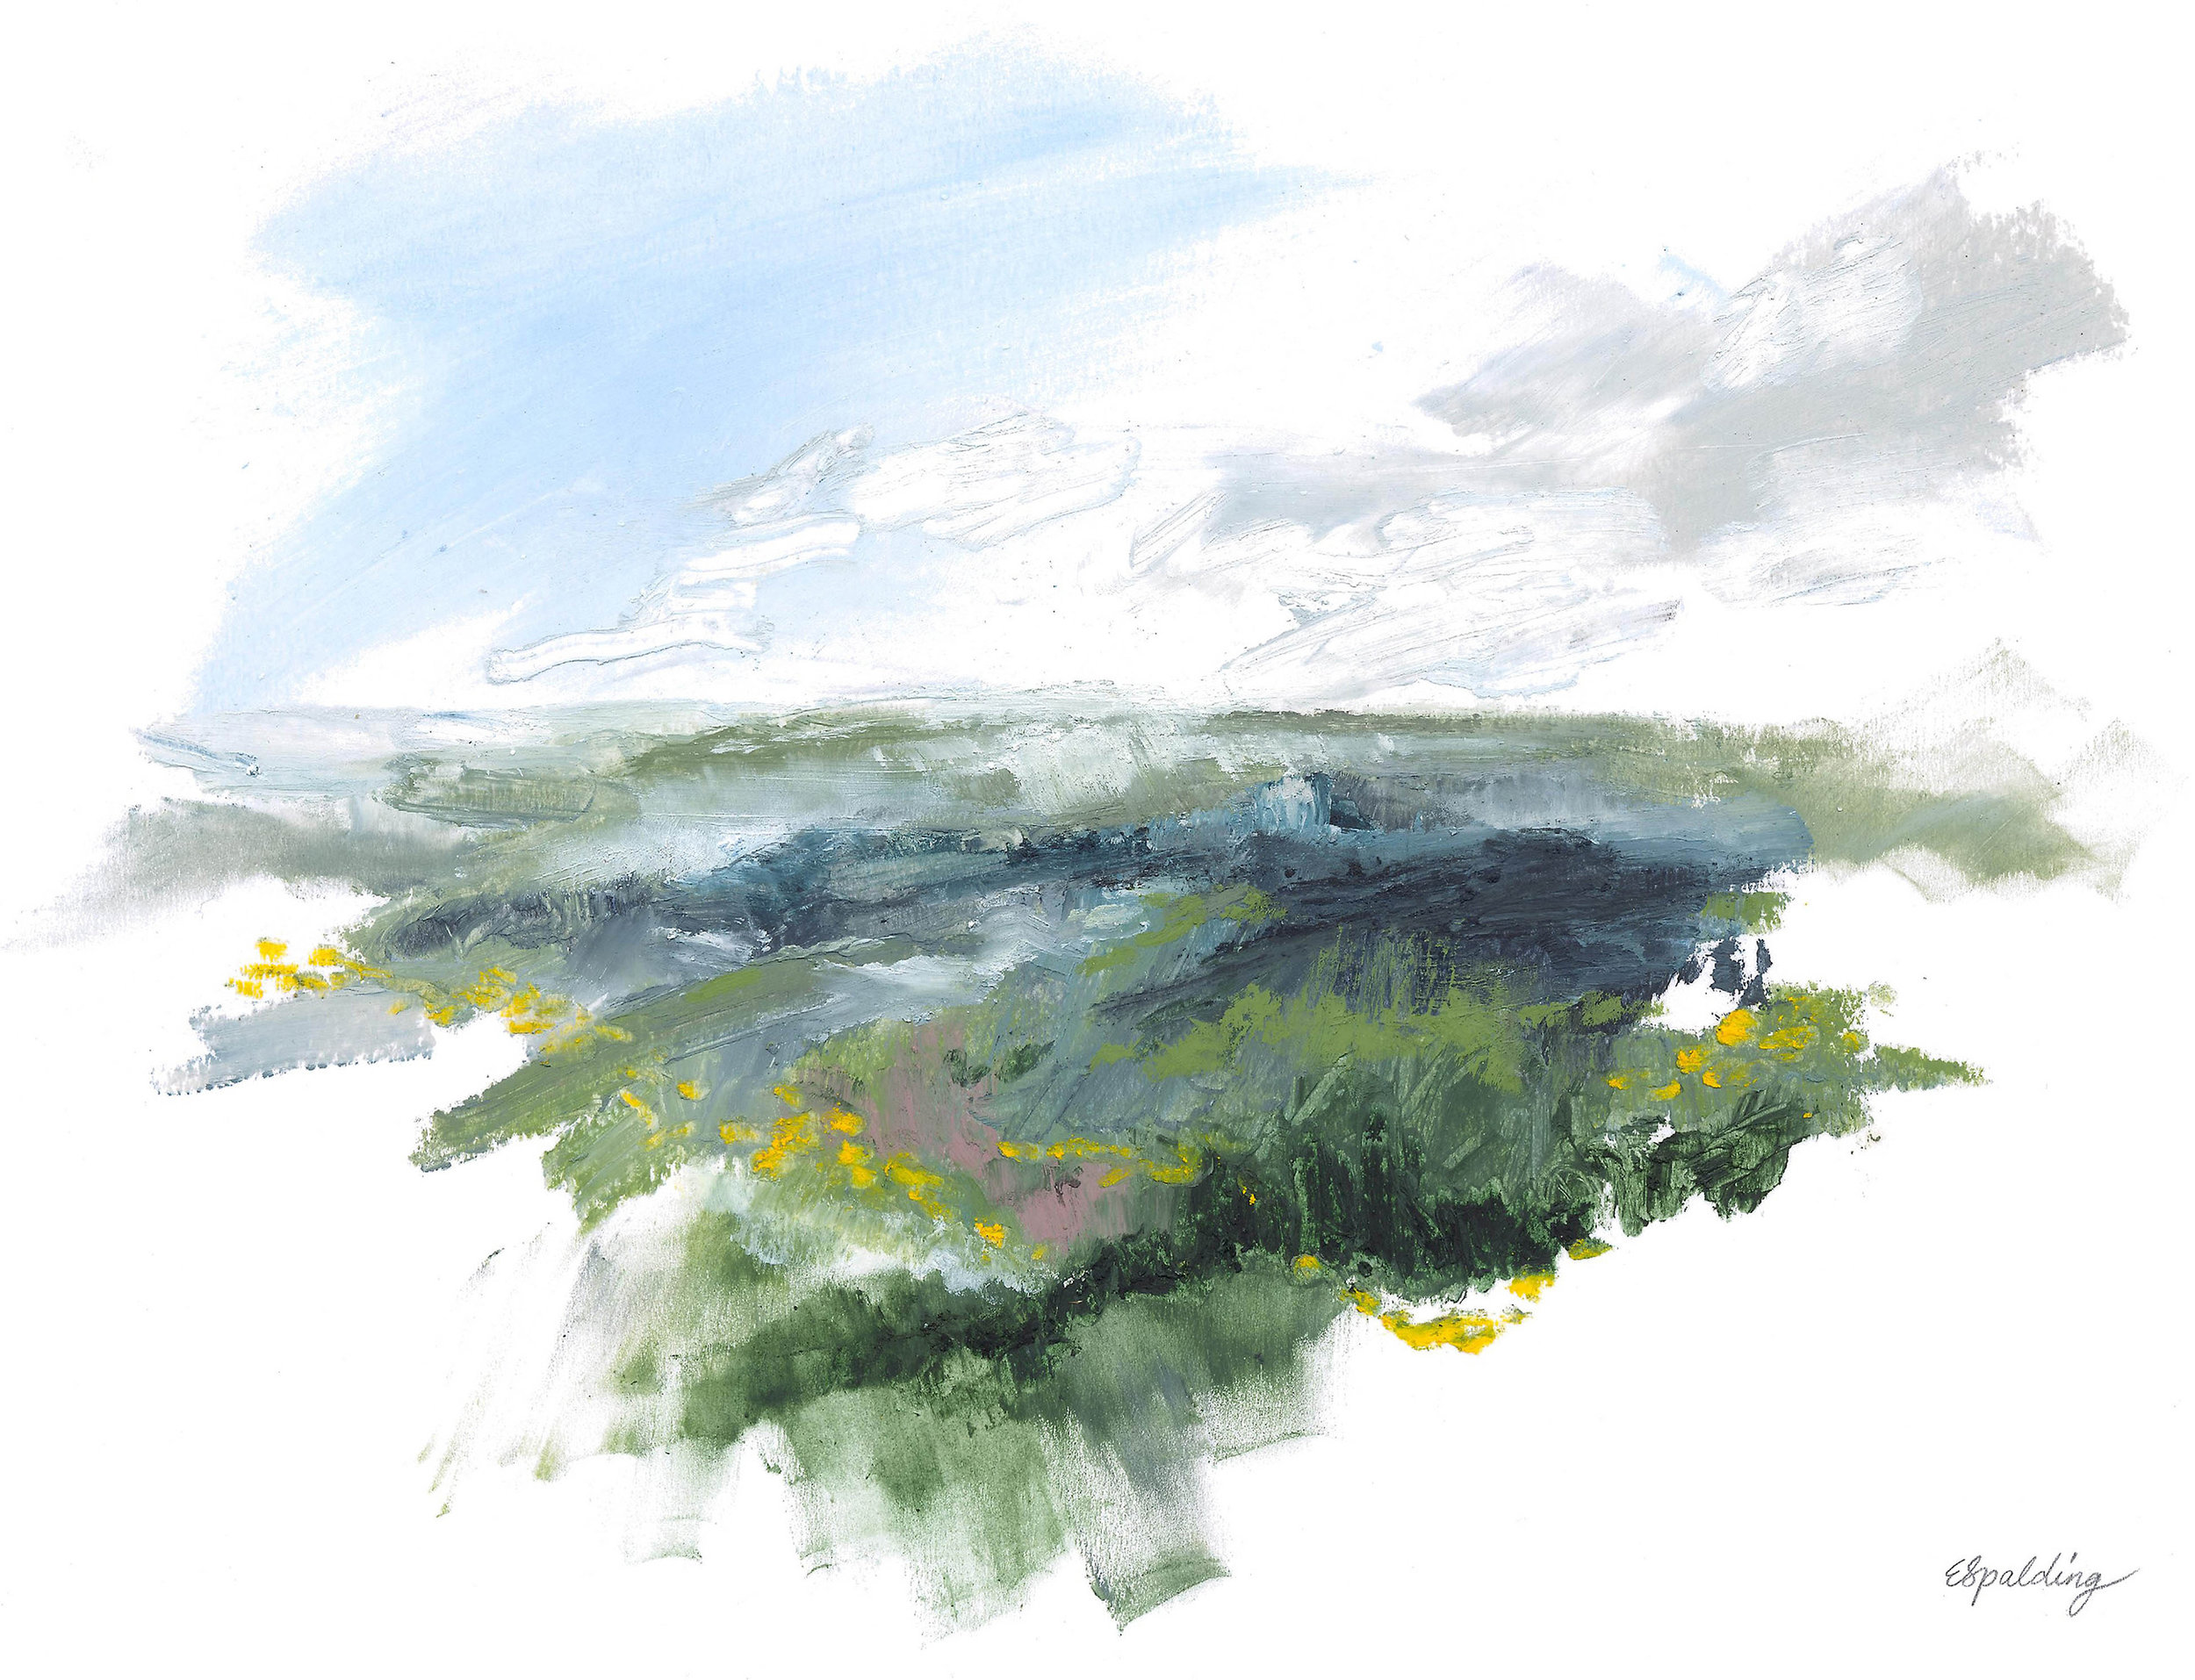 III. Studland Heath Series